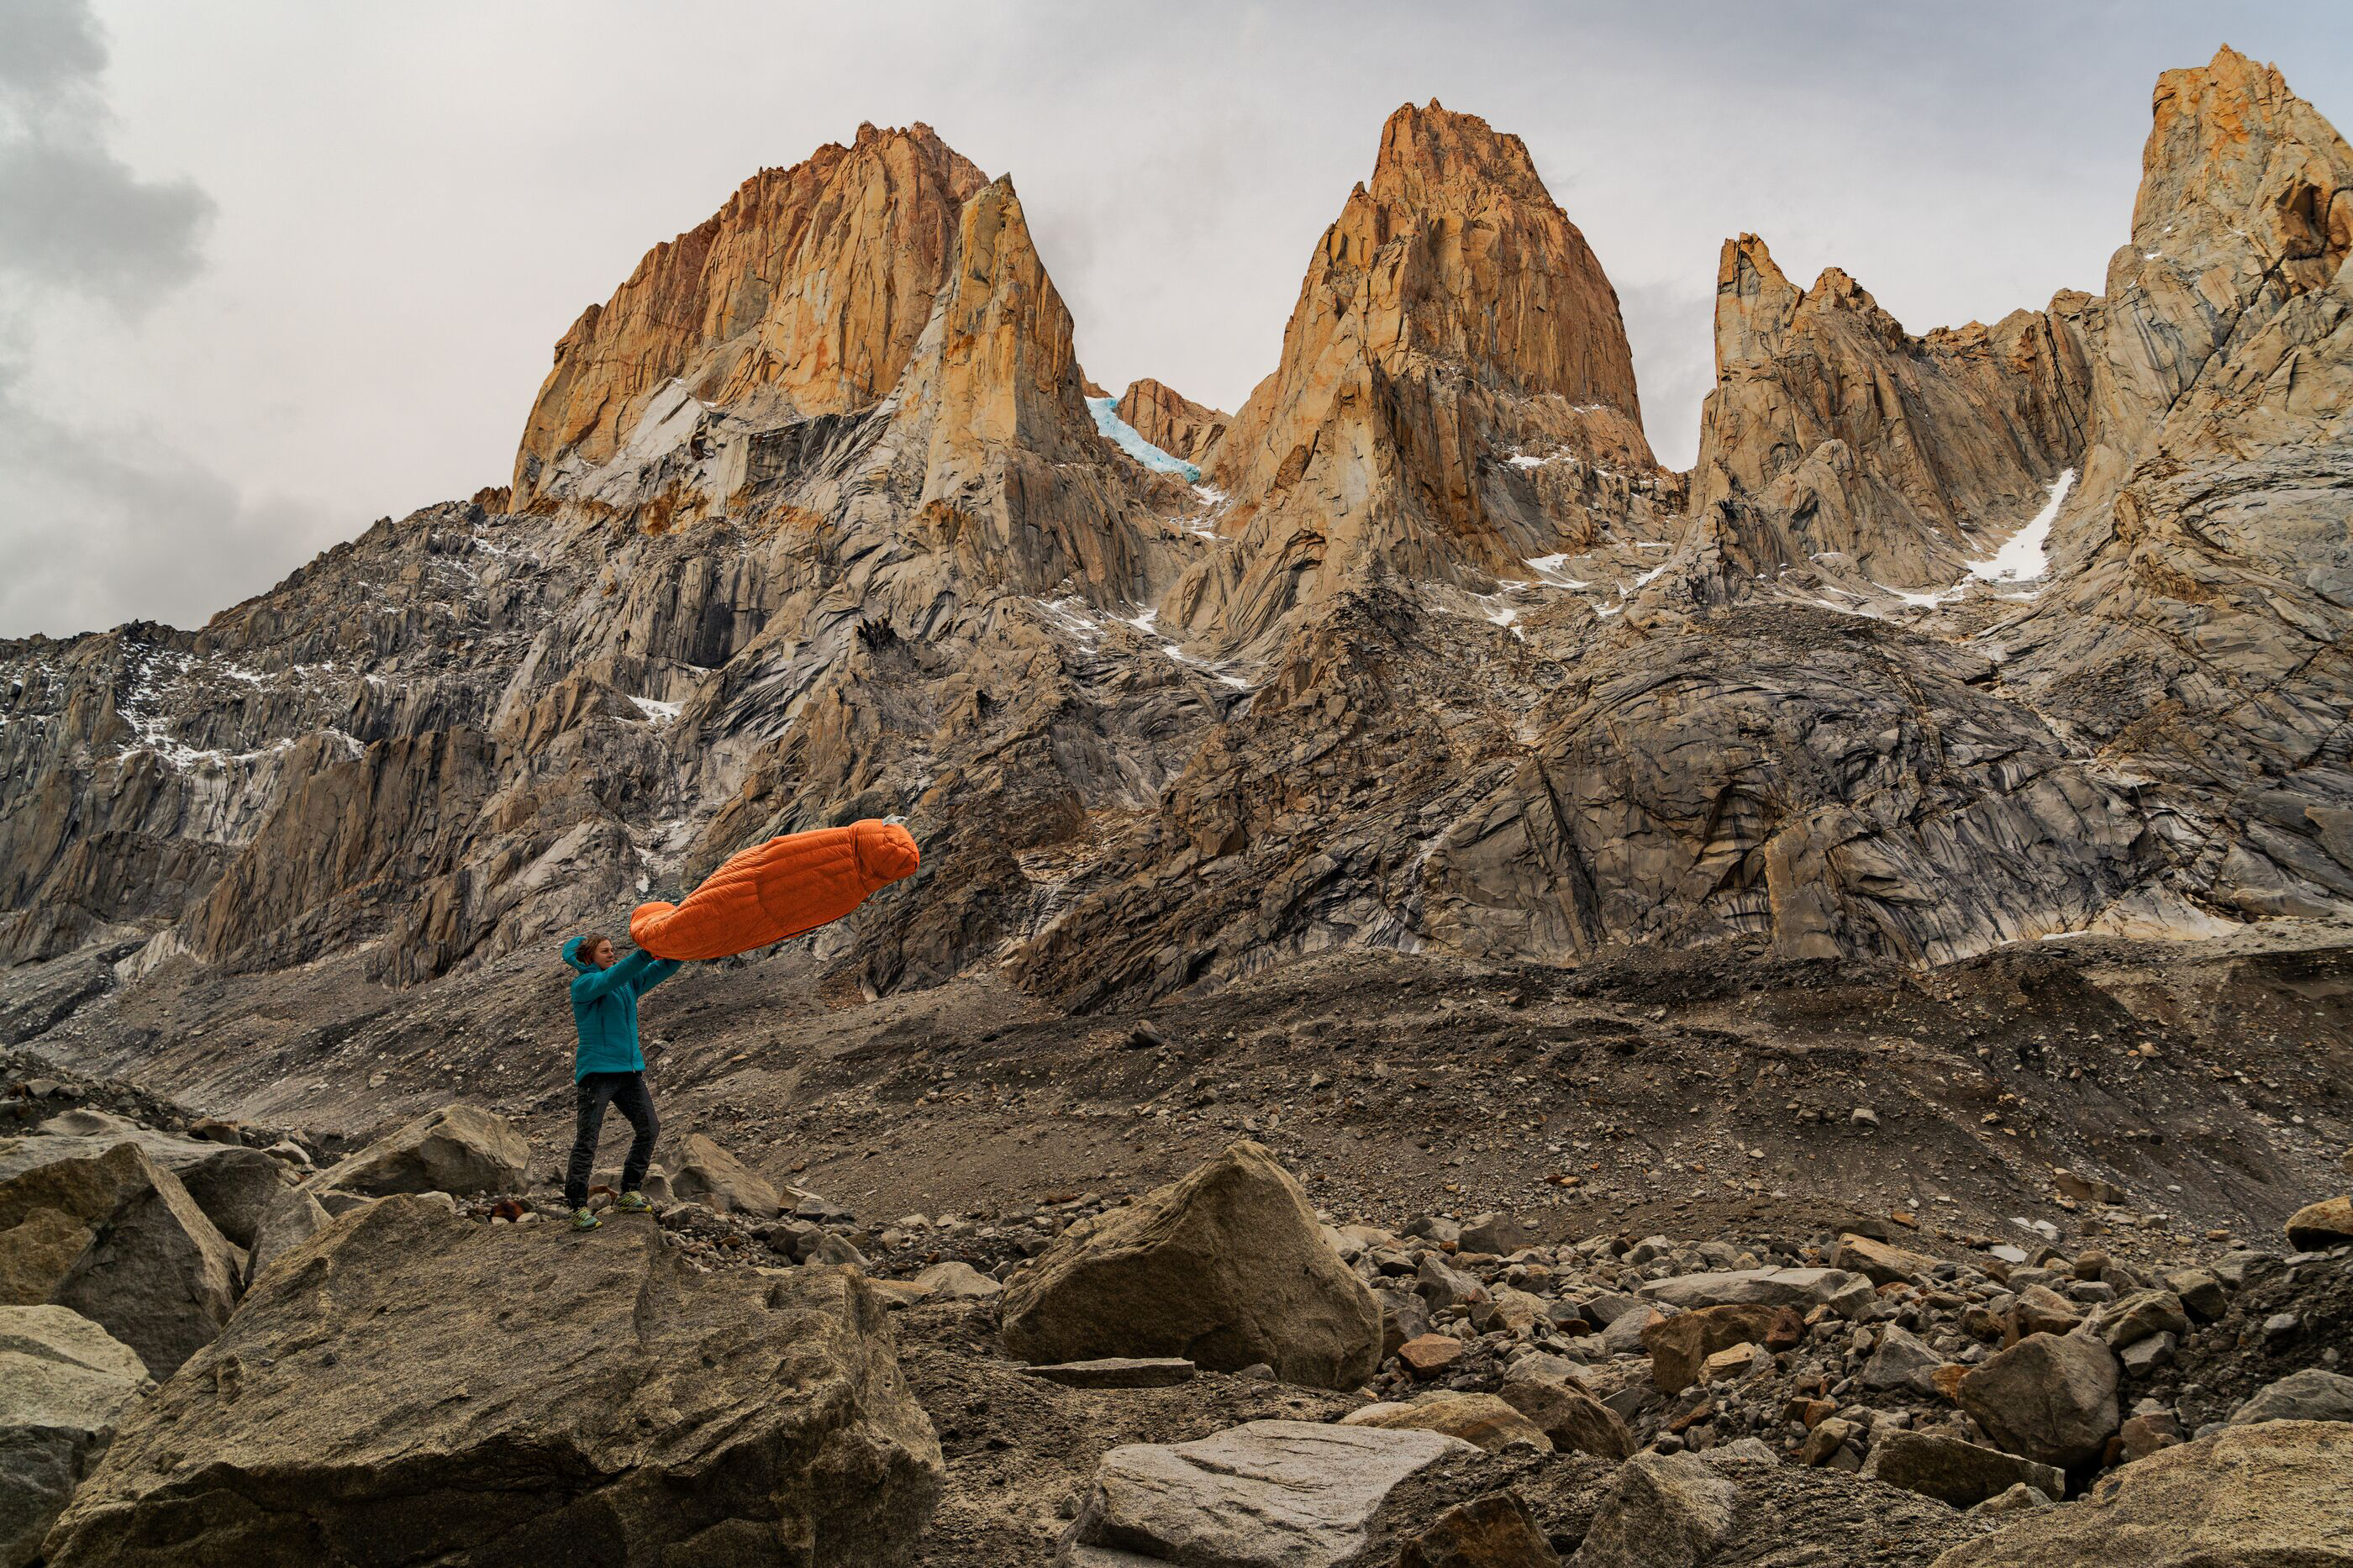 patagonia_panorama